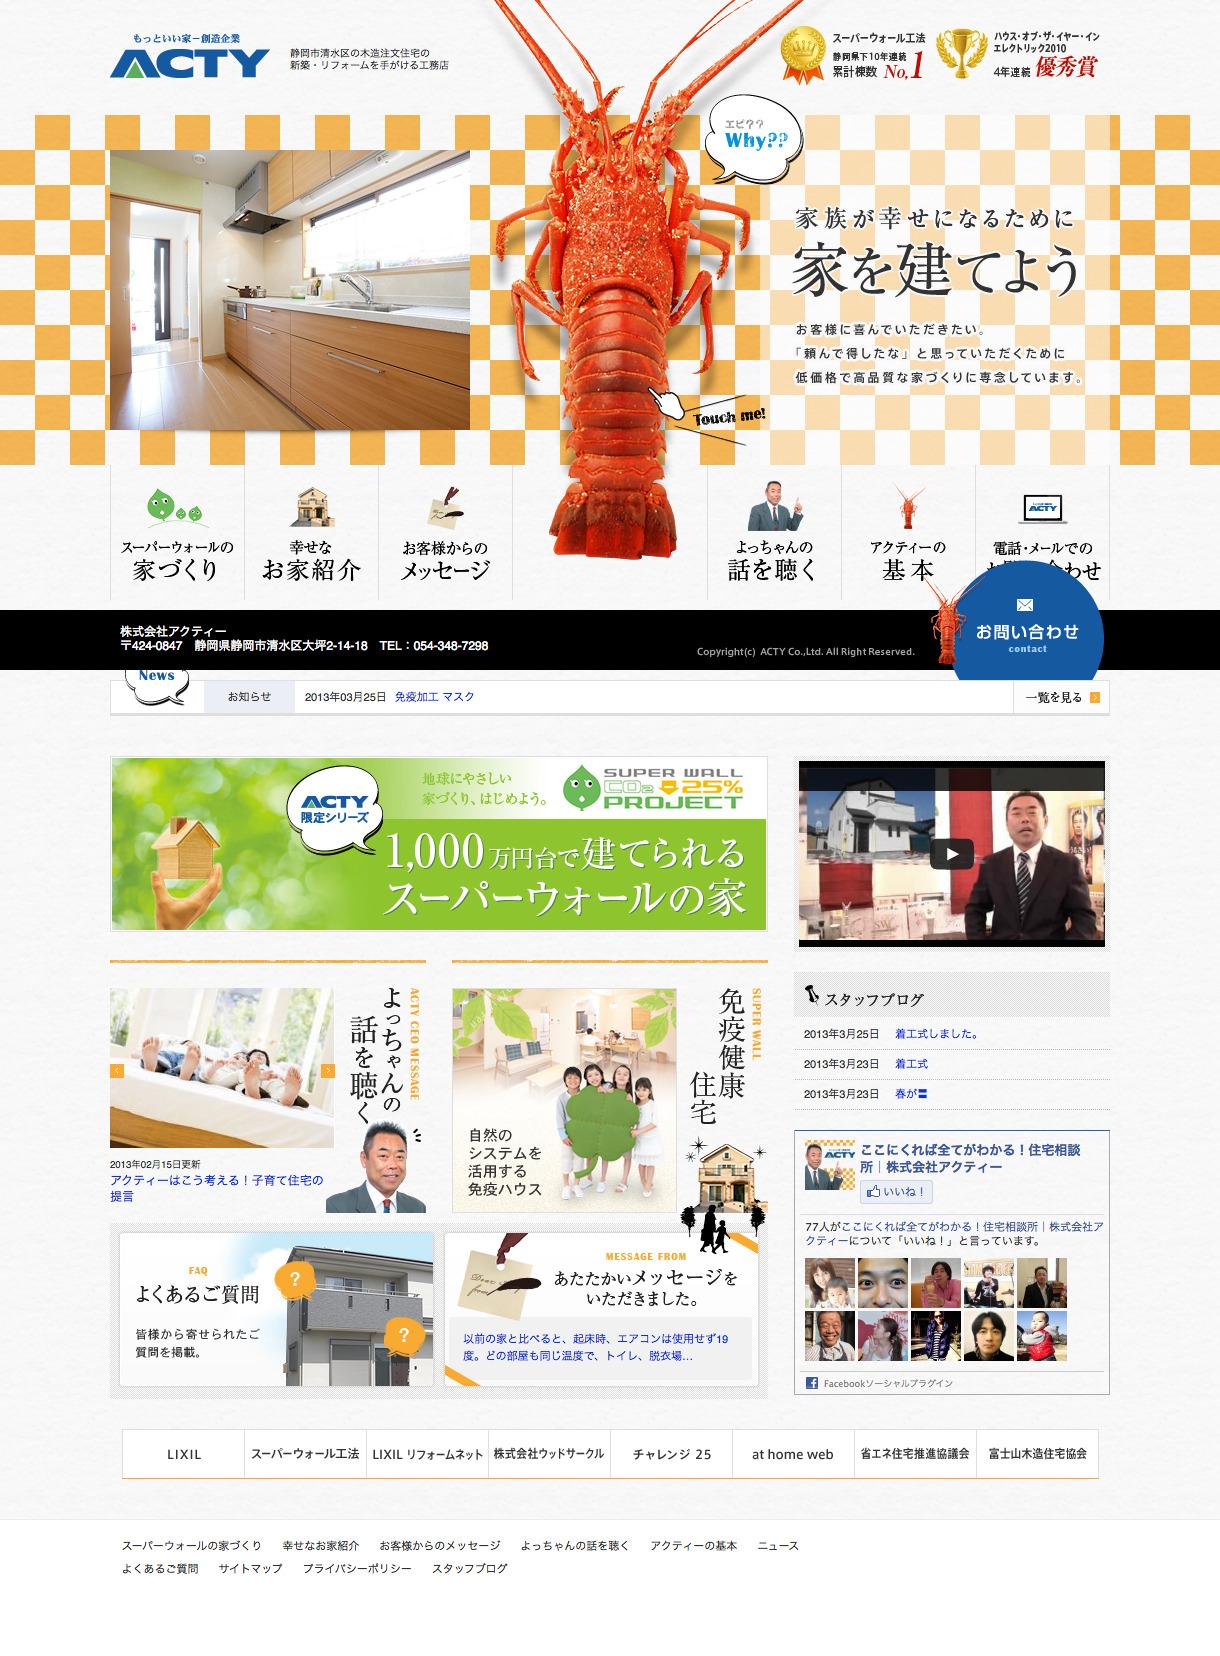 株式会社 アクティー|静岡市清水区の木造注文住宅の新築・リフォームを手がける工務店